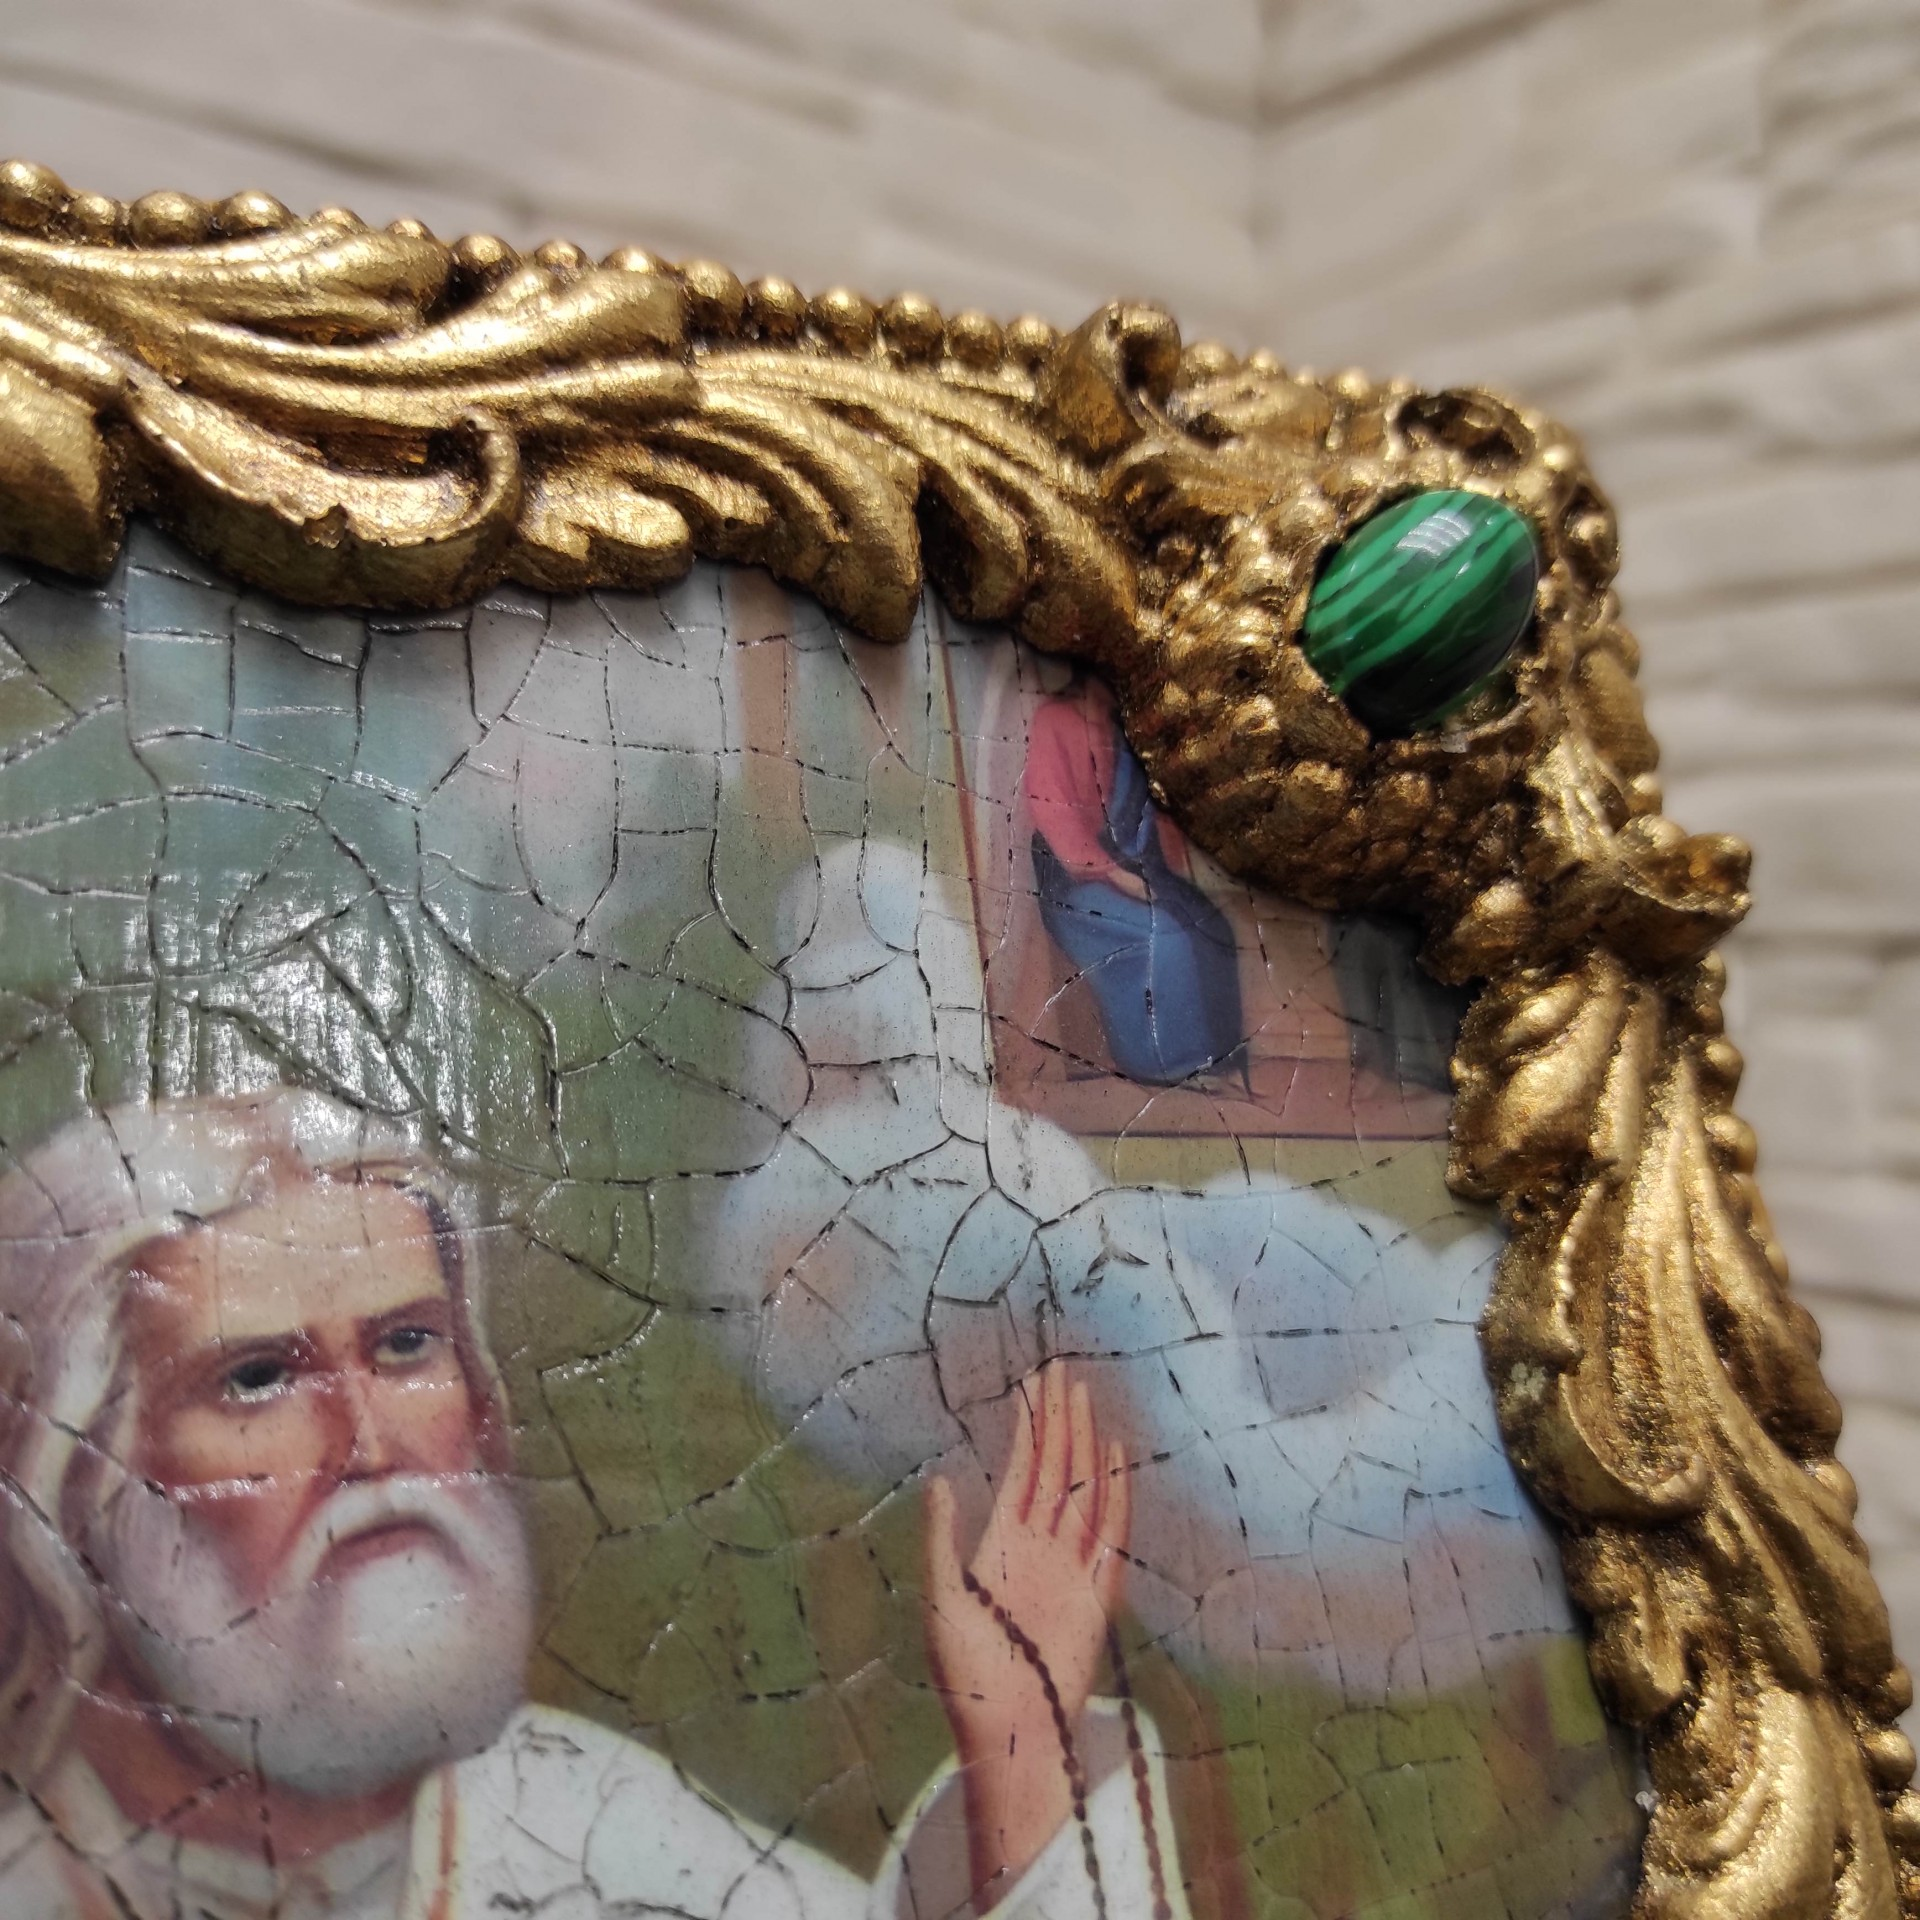 Фотография верхнего правого камня авторской иконы Серафима Саровского с камнями